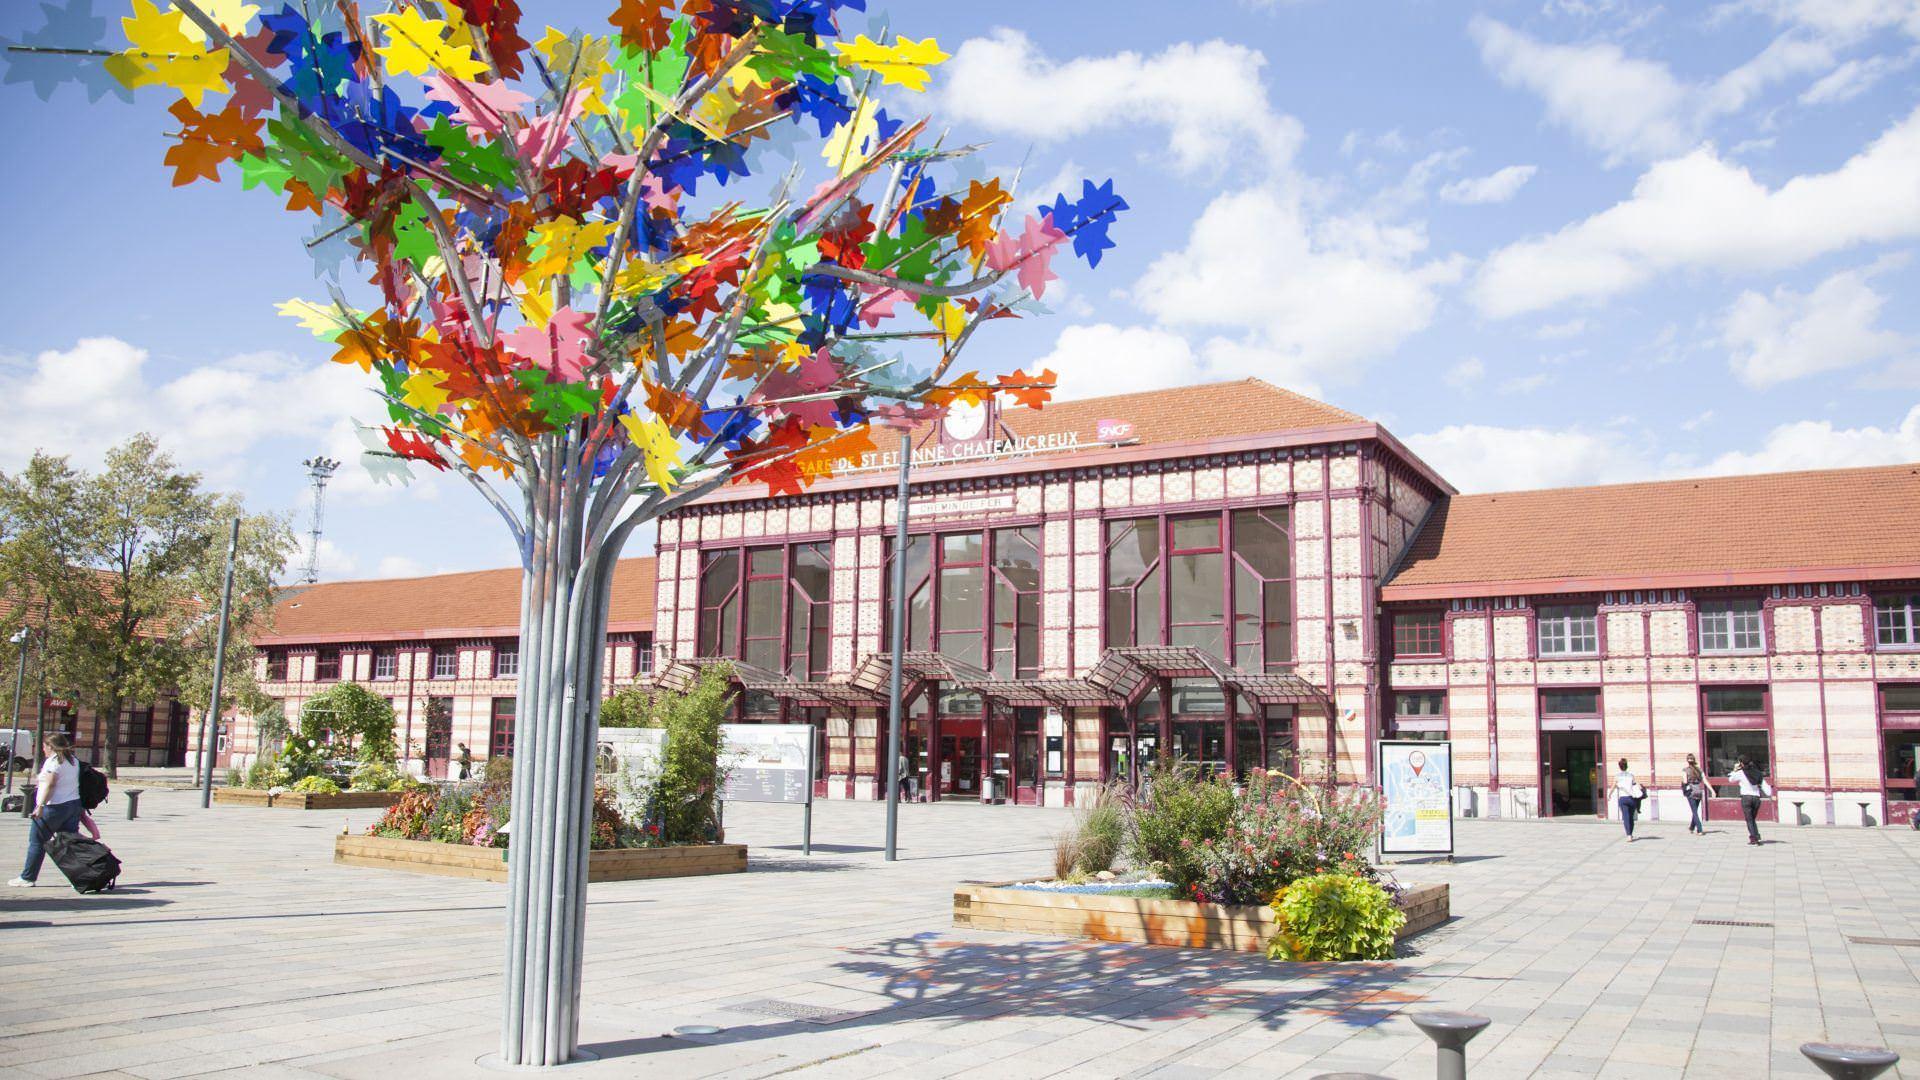 2 SECTION VENIR - Chateaucreux_Saint-Etienne_tourisme&congres_Magali Stora